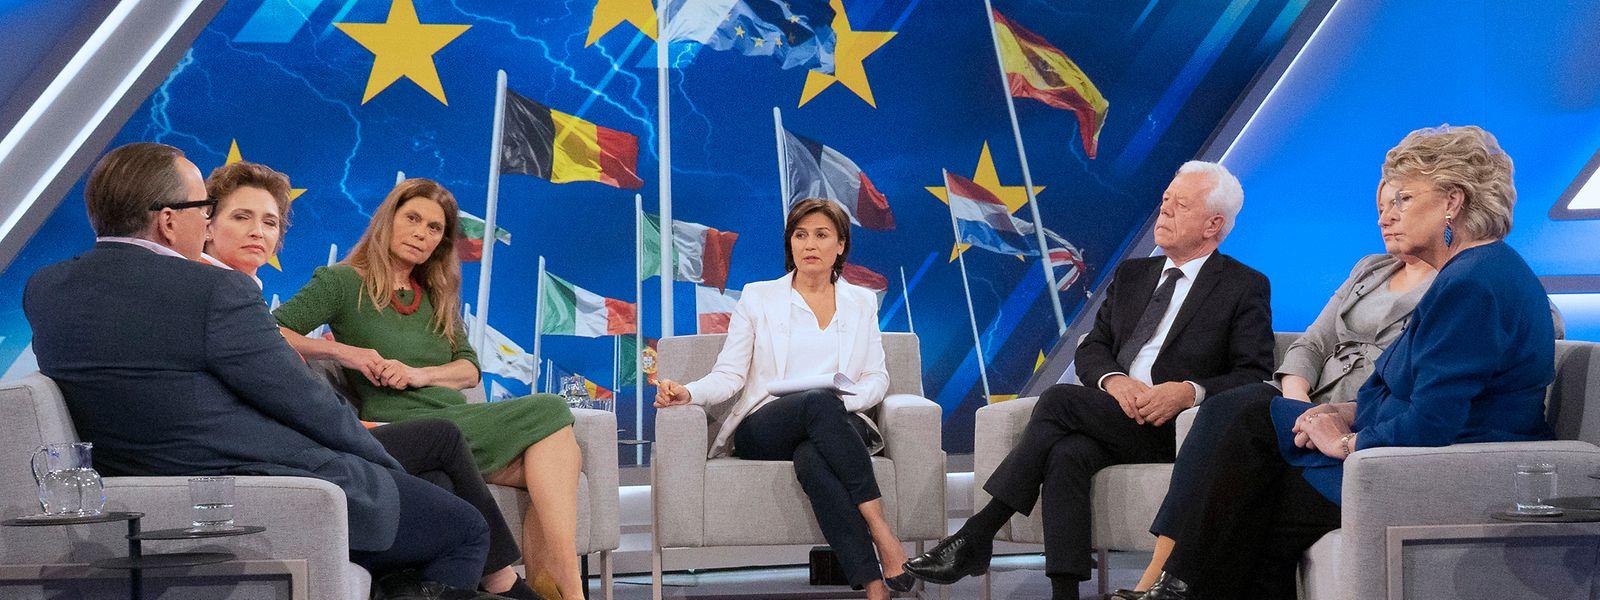 """V.l.n.r.: Dirk Schümer (Europakorrespondent der """"Welt""""), Nicola Beer, (FDP Spitzenkandidatin), Sarah Wiener (TV-Köchin und Grünen-Kandidatin), Udo van Kampen (langjähriger EU-Korrespondent), Aleksandra Rybinska (polnische Journalistin), Viviane Reding (ehemalige EU-Kommissarin)."""